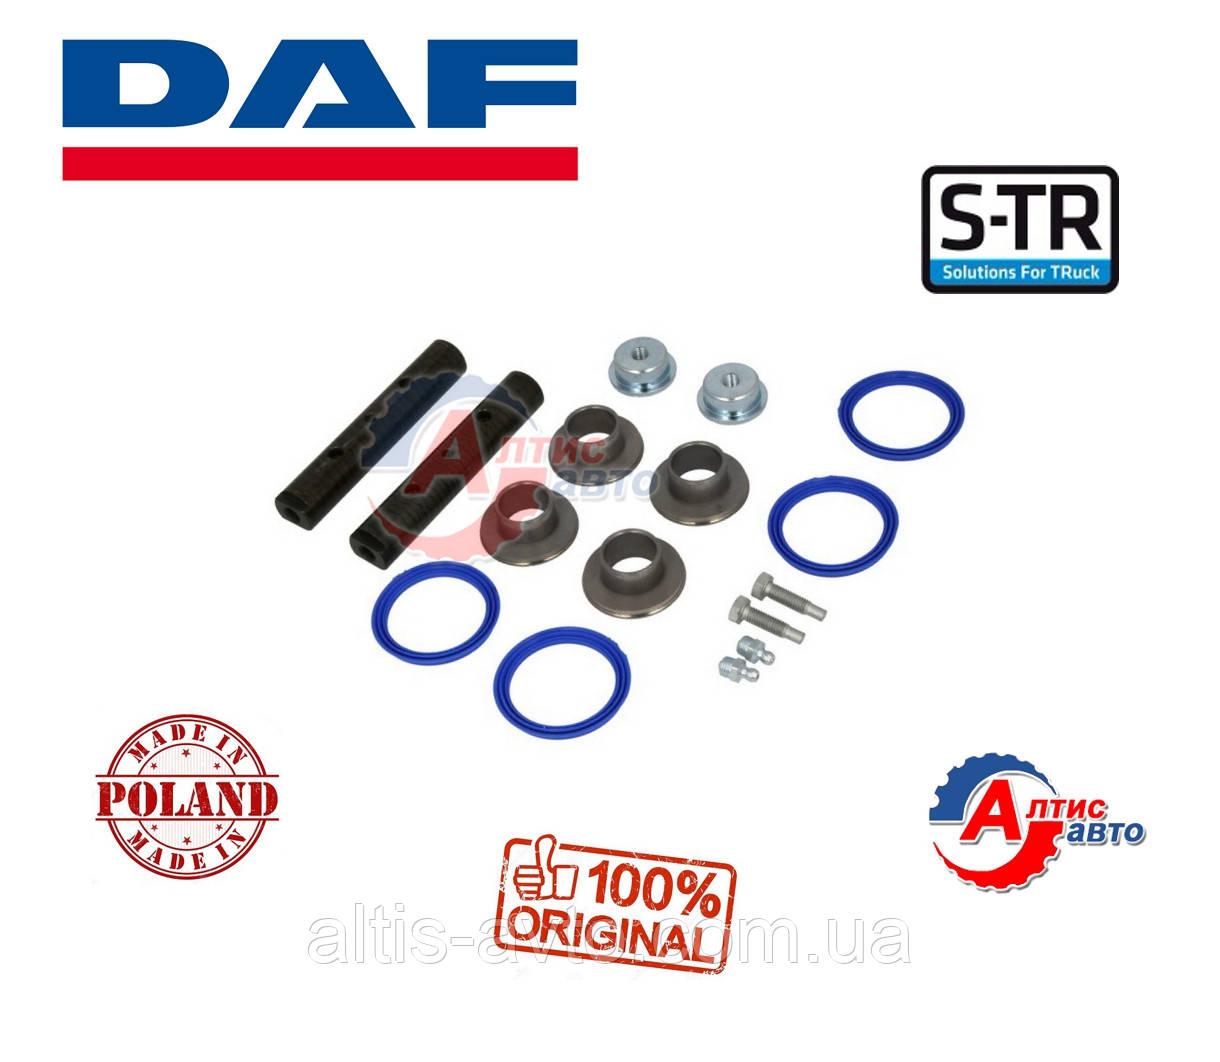 Ремкомплект подвески кабины Даф 95 хф, DAF 105, CF85/76/65 Евро 2 3 4 5 стабилизатора 1332194